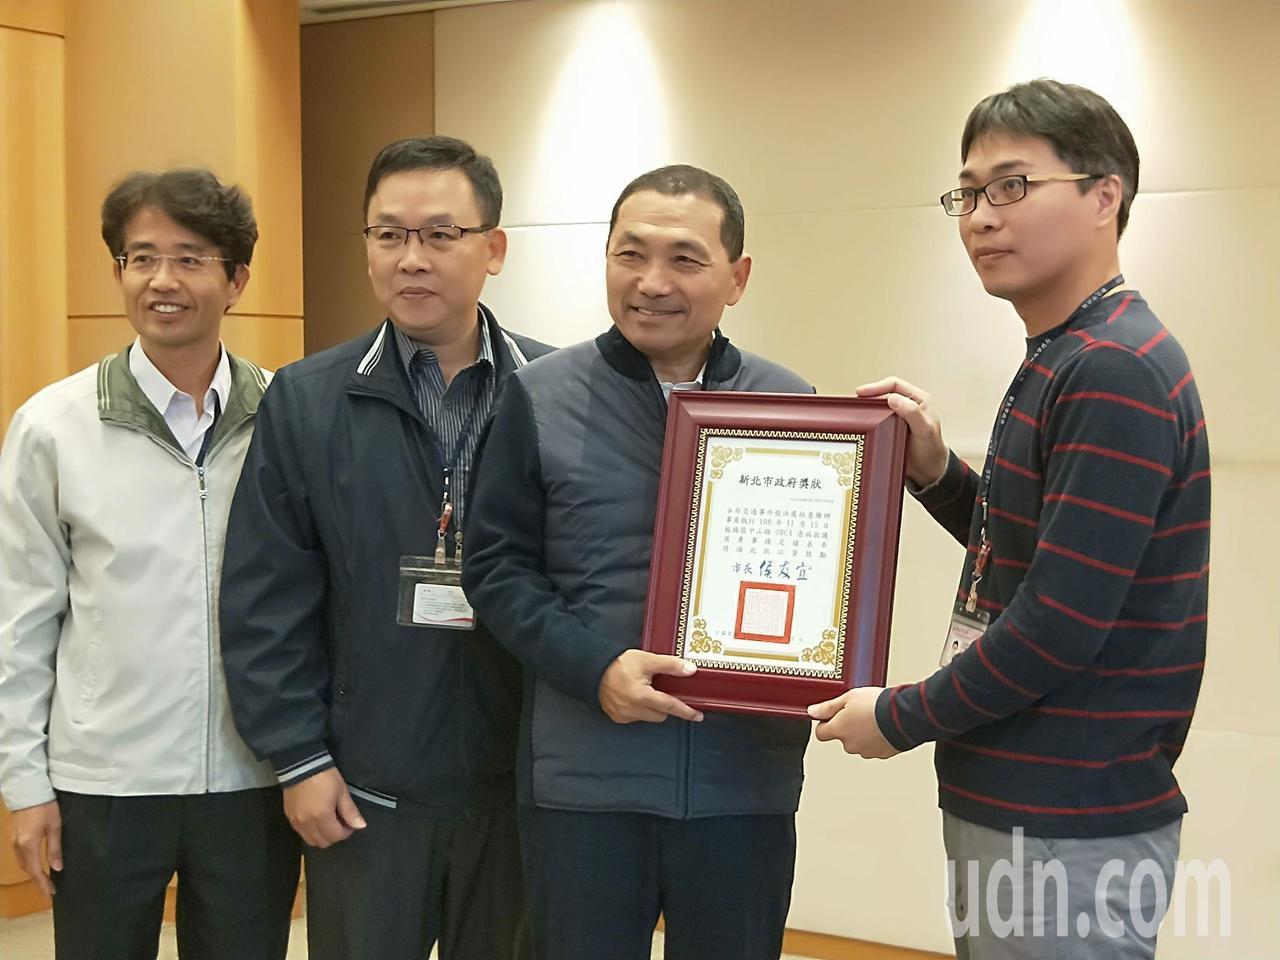 新北市長侯友宜(右二)表揚辦事員林意騰(右一),感謝他救回同事性命。記者施鴻基/...